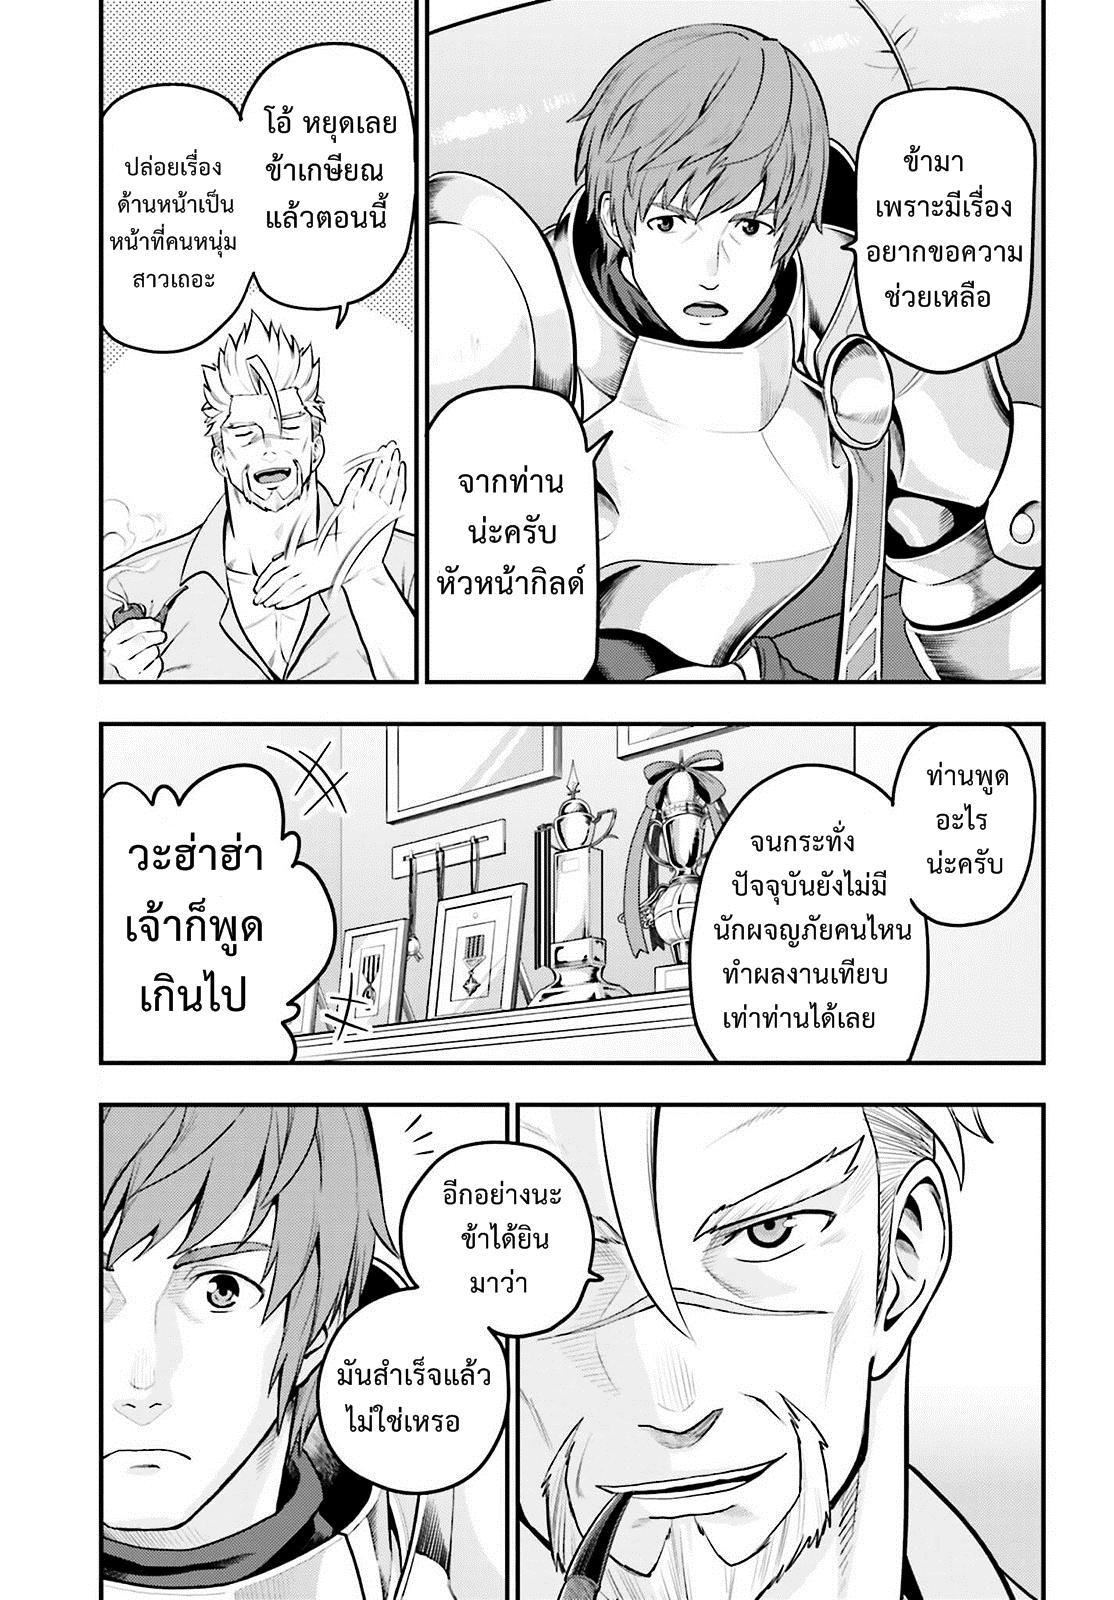 อ่านการ์ตูน Konjiki no Word Master 17 ภาพที่ 3